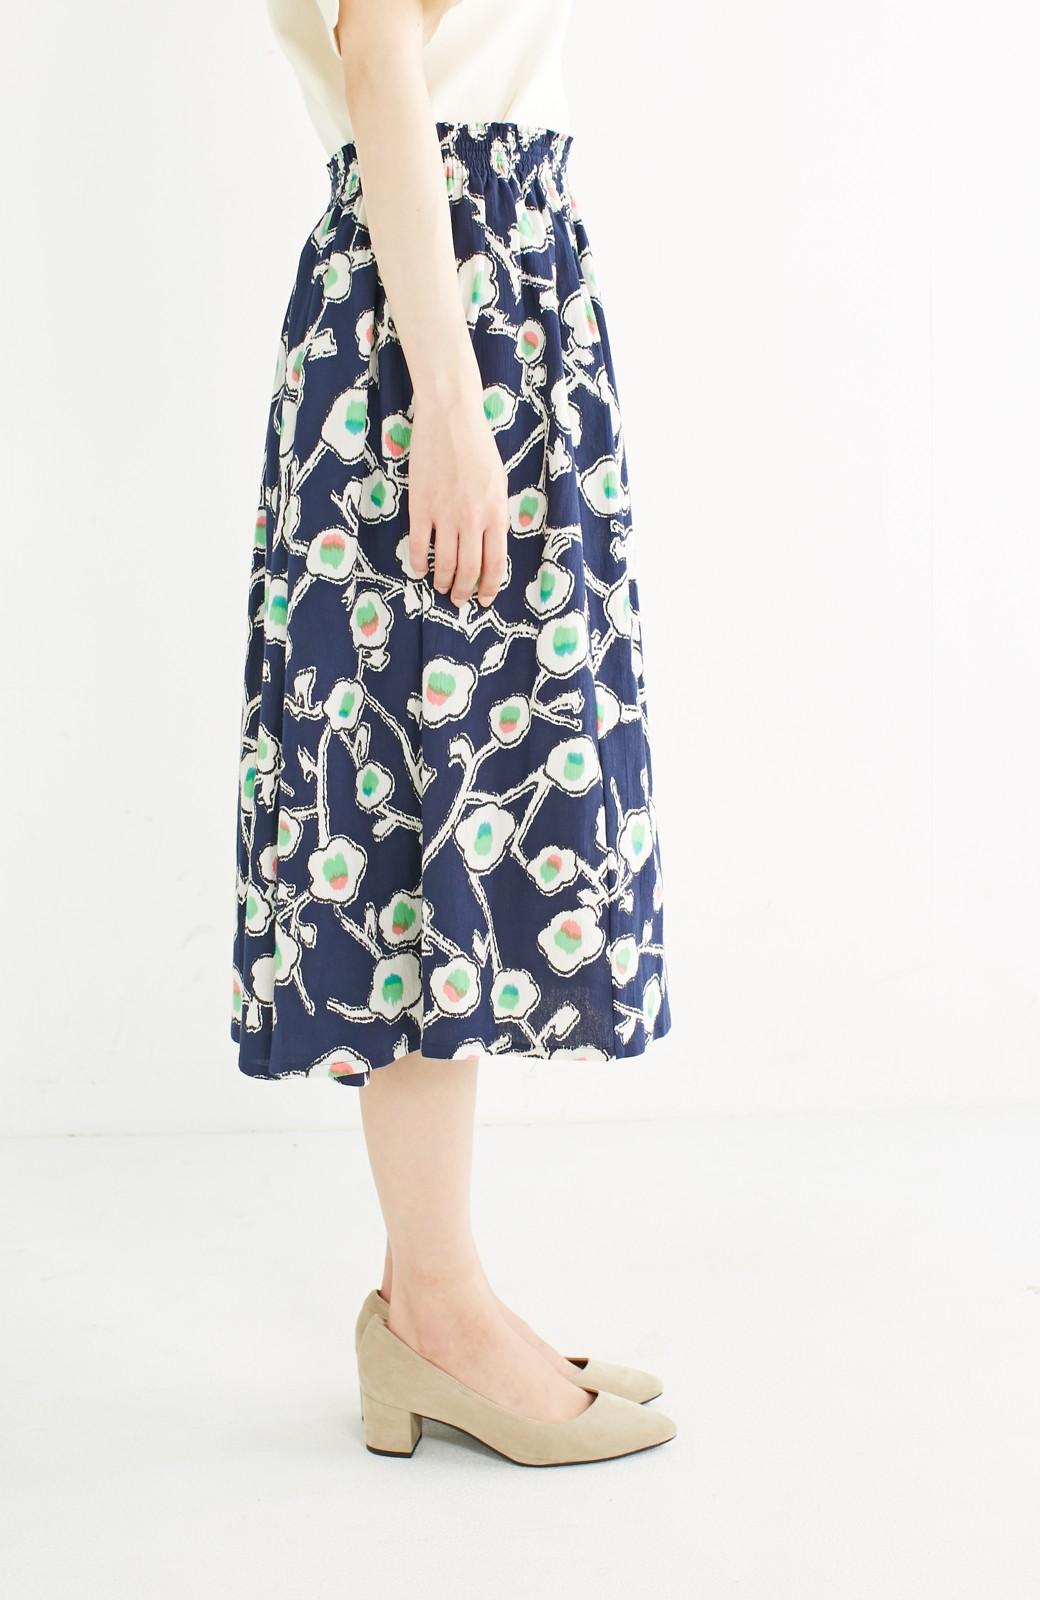 haco! 京都の浴衣屋さんと作った浴衣生地のスカート <ブルー系その他>の商品写真4